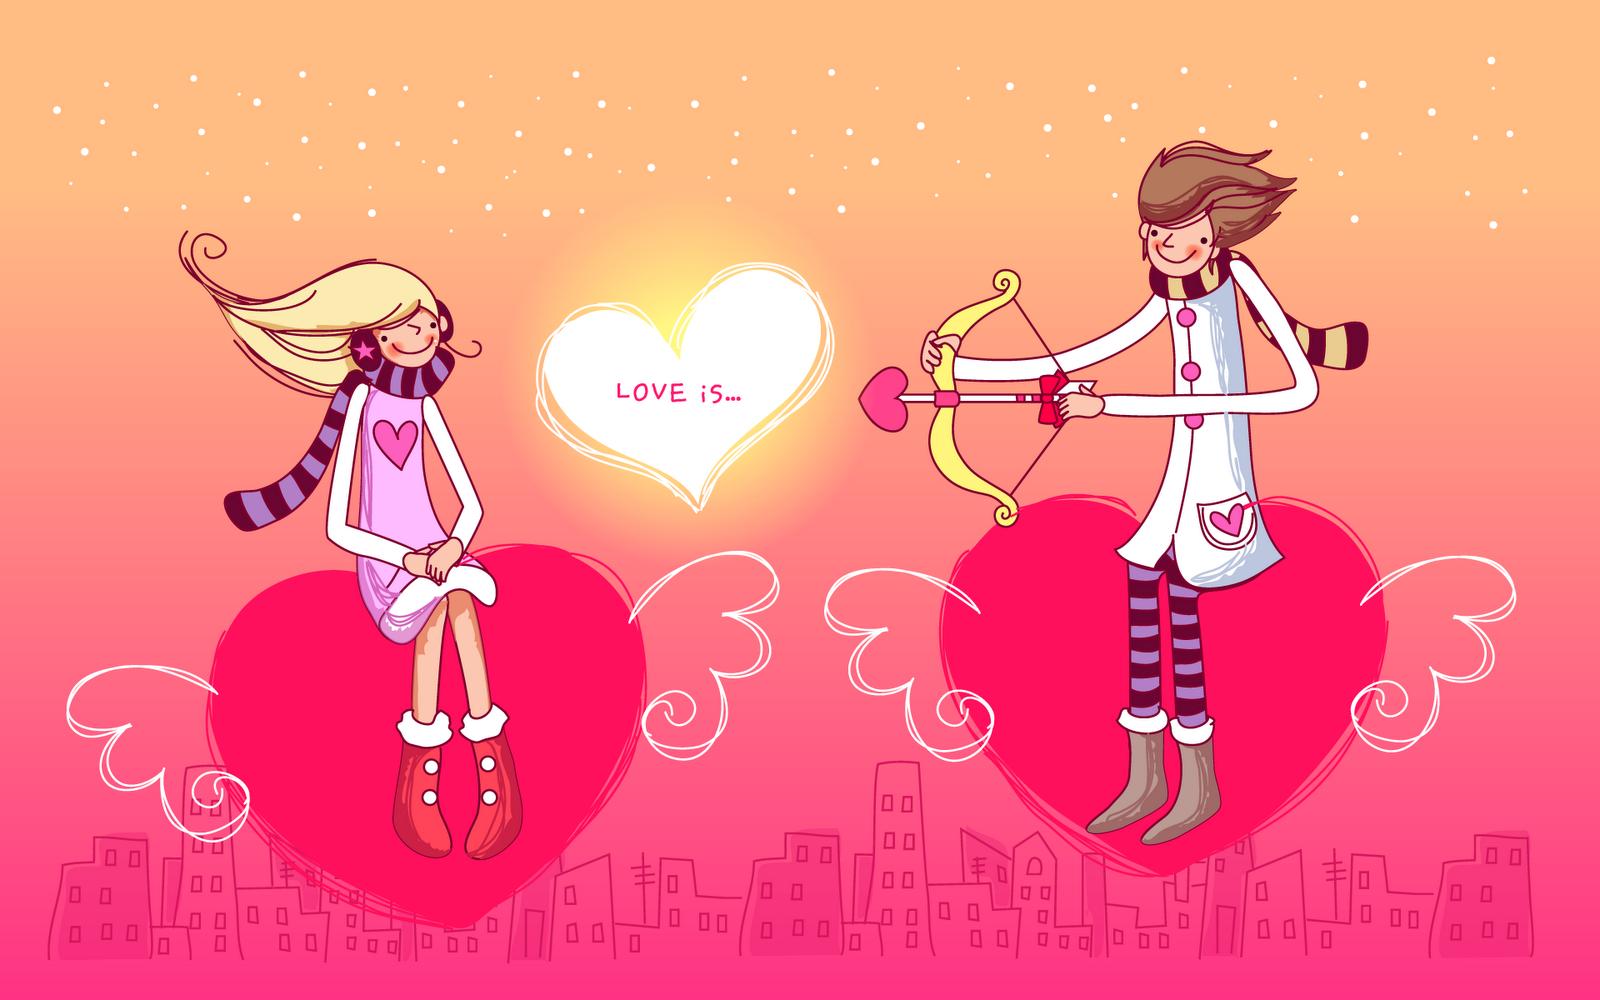 16 Dibujos De Amor Para El D Iacutea San Valent Iacuten 14 Febrero